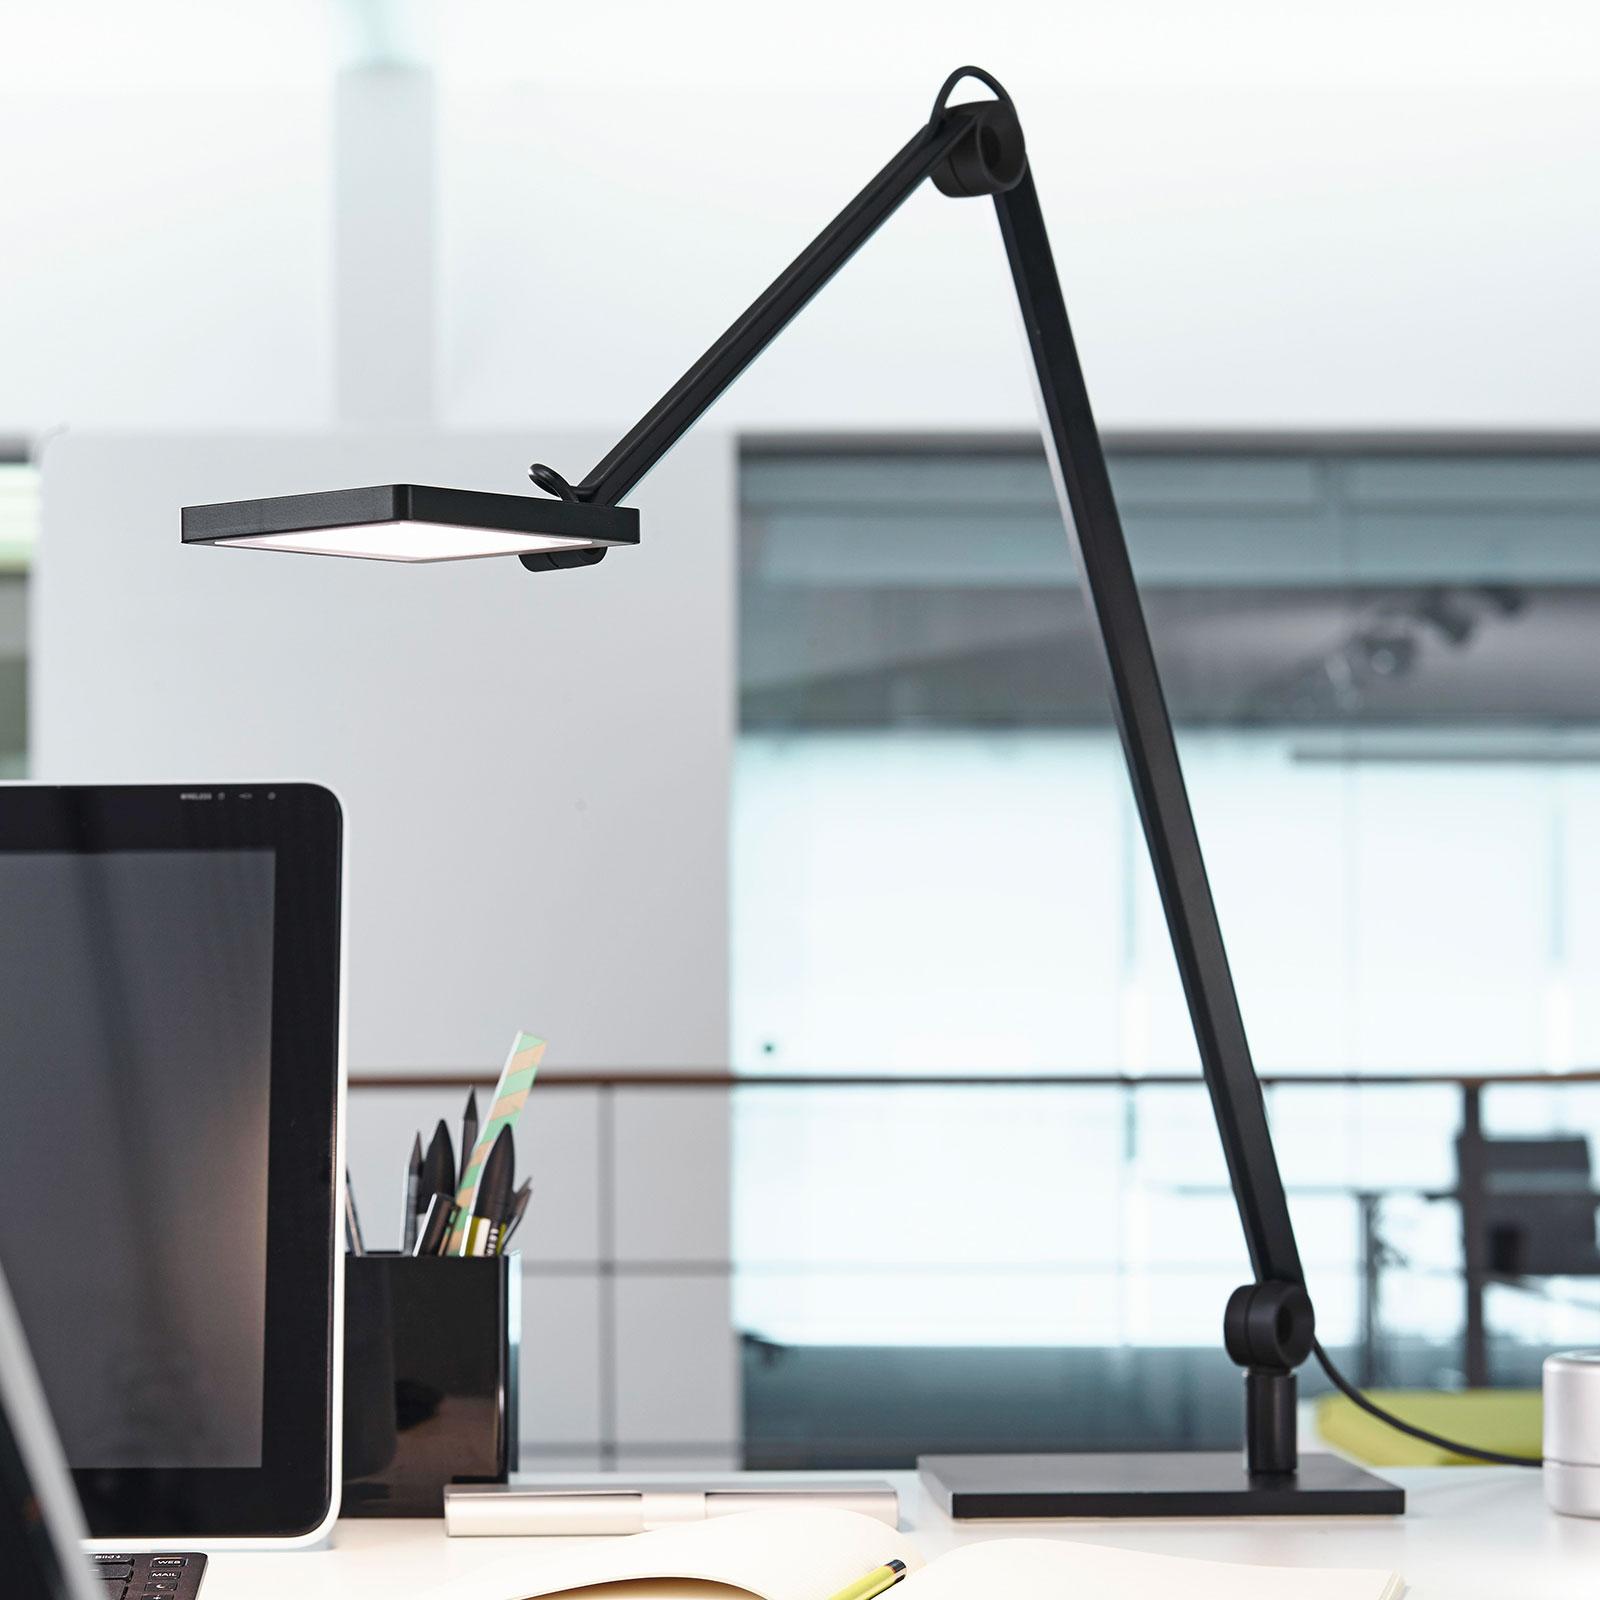 LED-Tischleuchte PARA.MI FTL 108 R schwarz 930